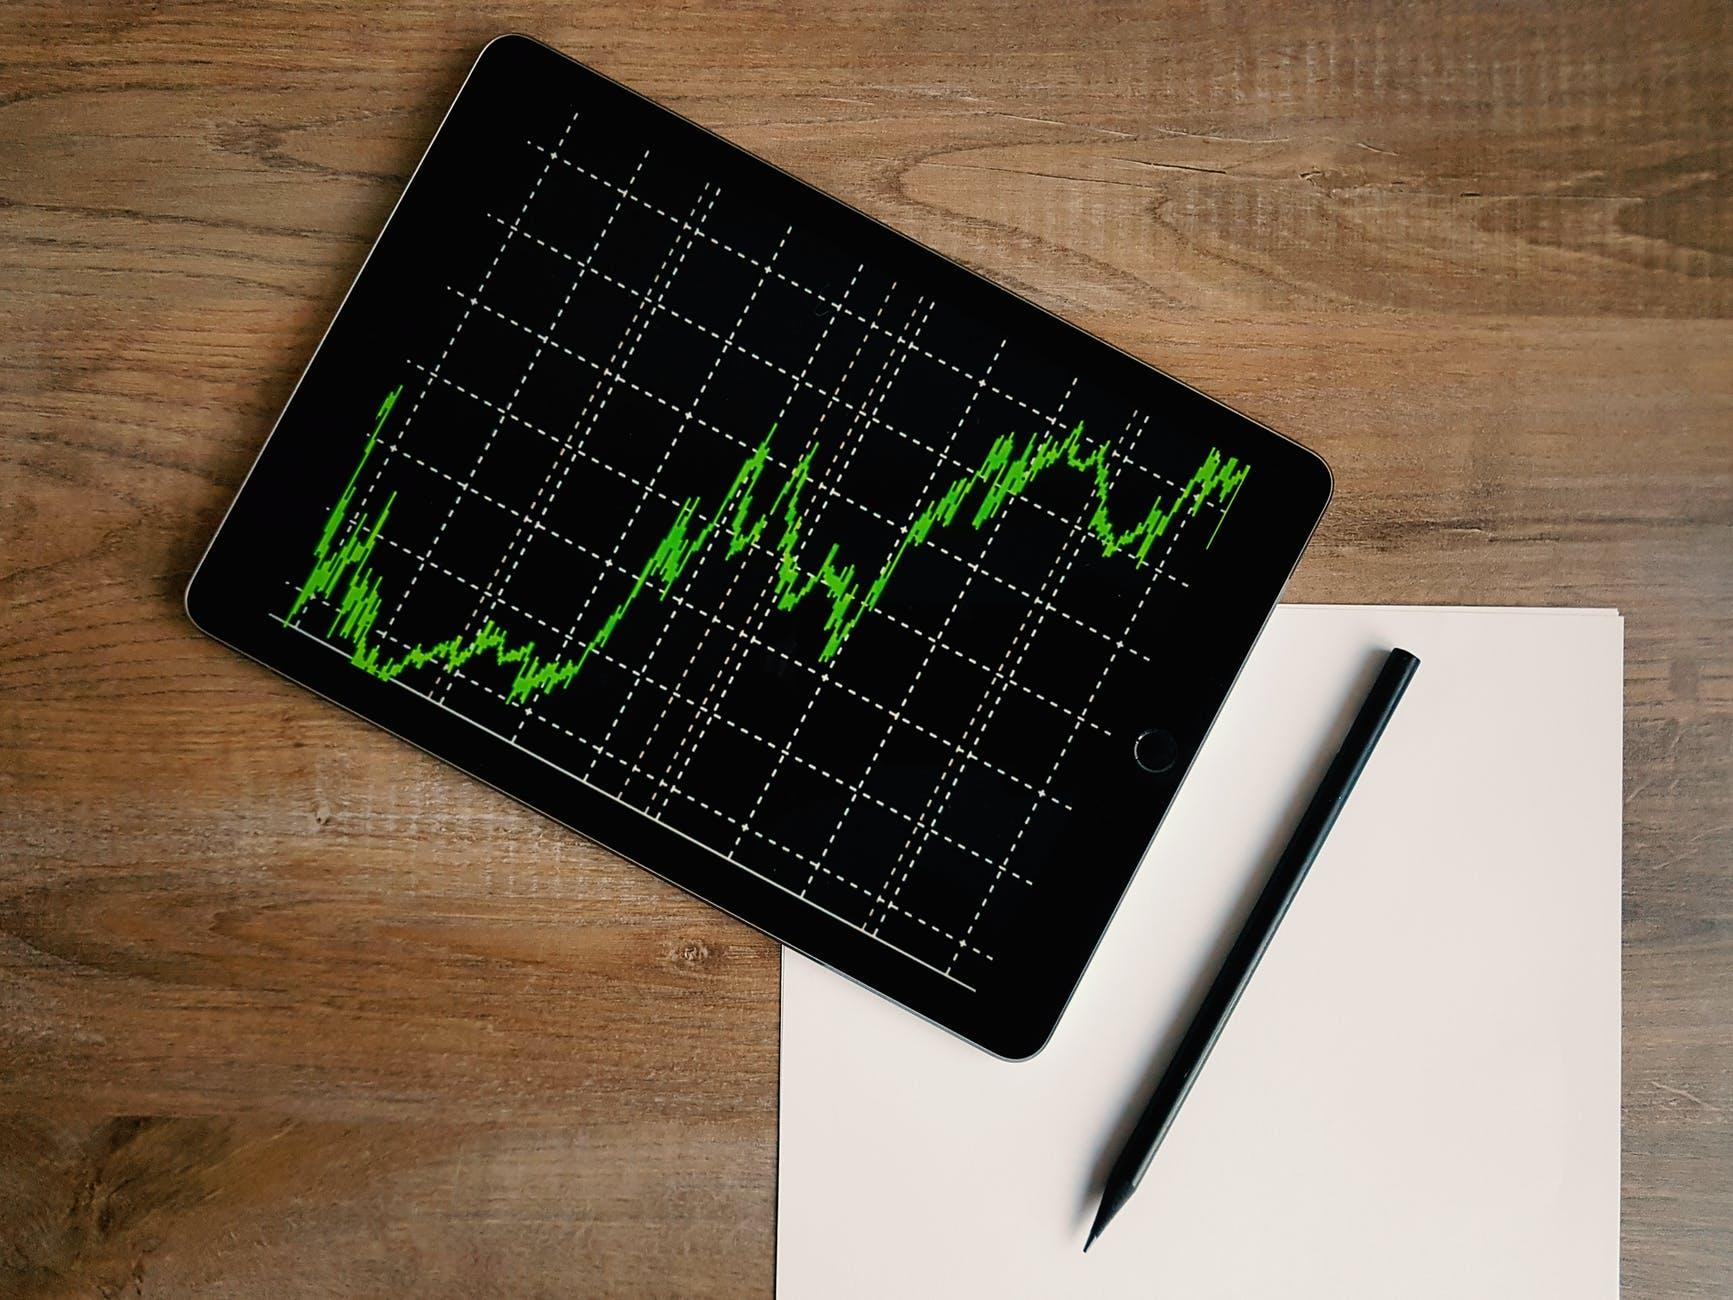 Lựa chọn phù hợp cho nhà đầu tư trong mùa dịch Covid-19?